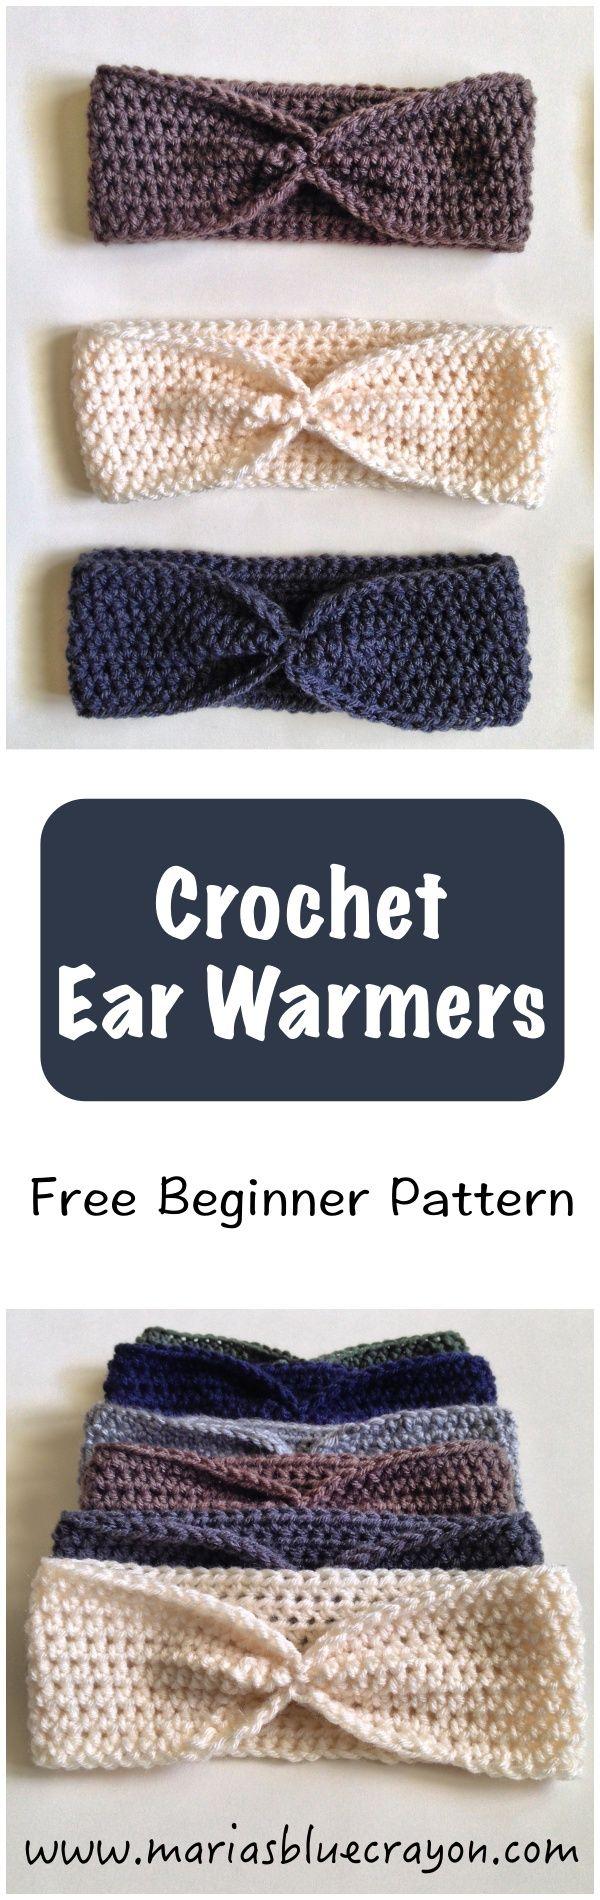 Beginner pattern for crochet ear warmers using half-double crochet ...